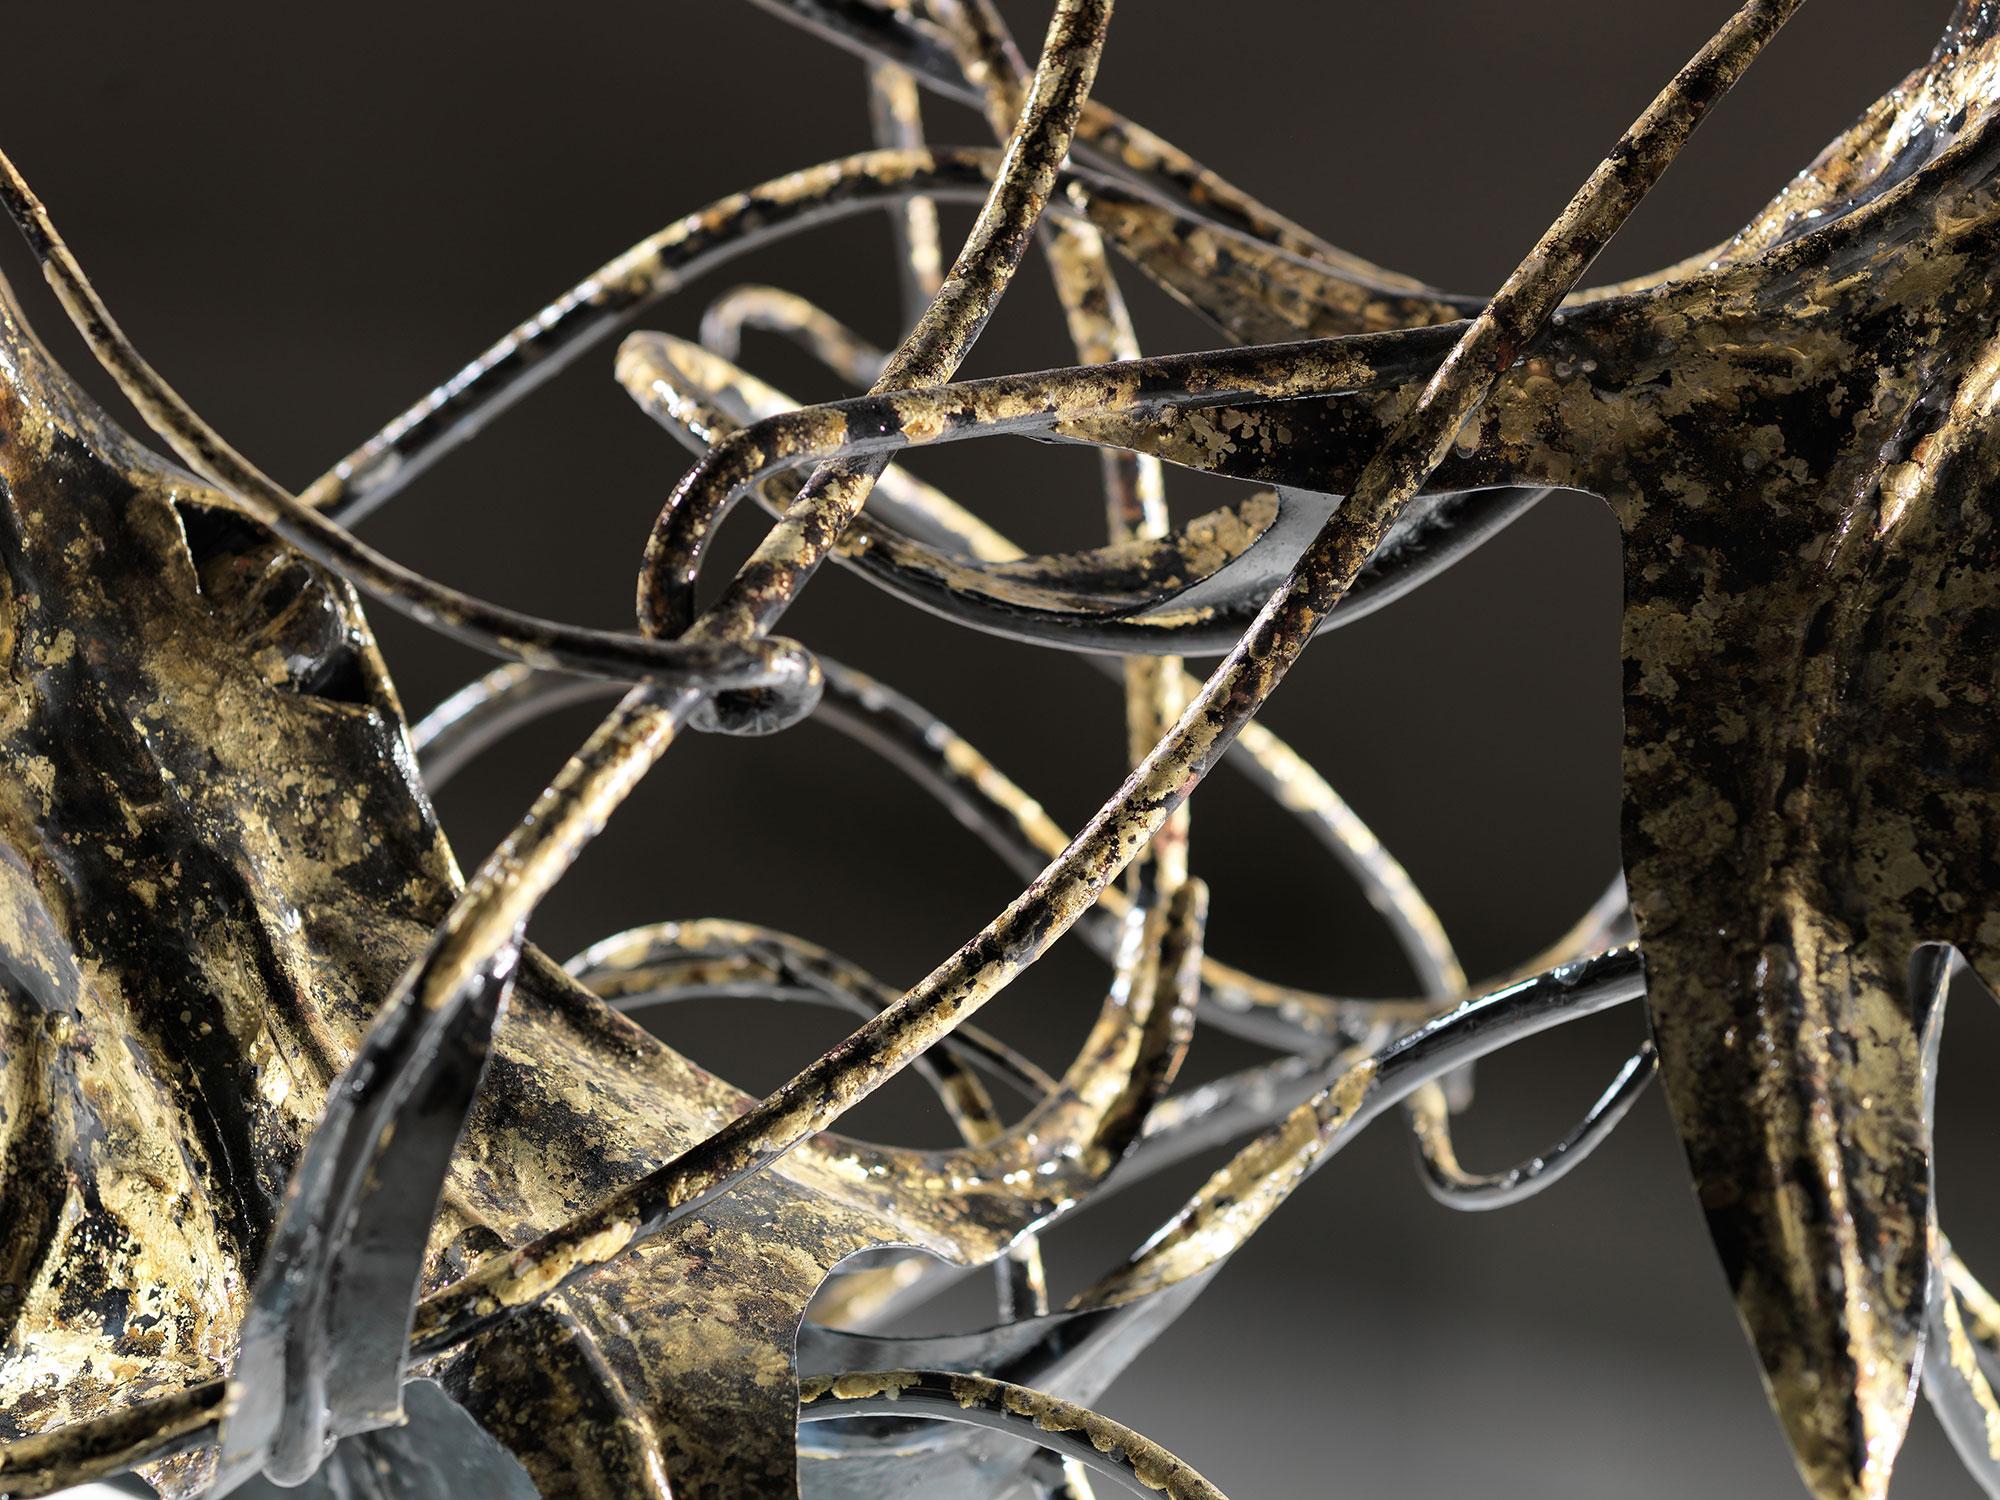 Isaia Zilli - Octopus Detail